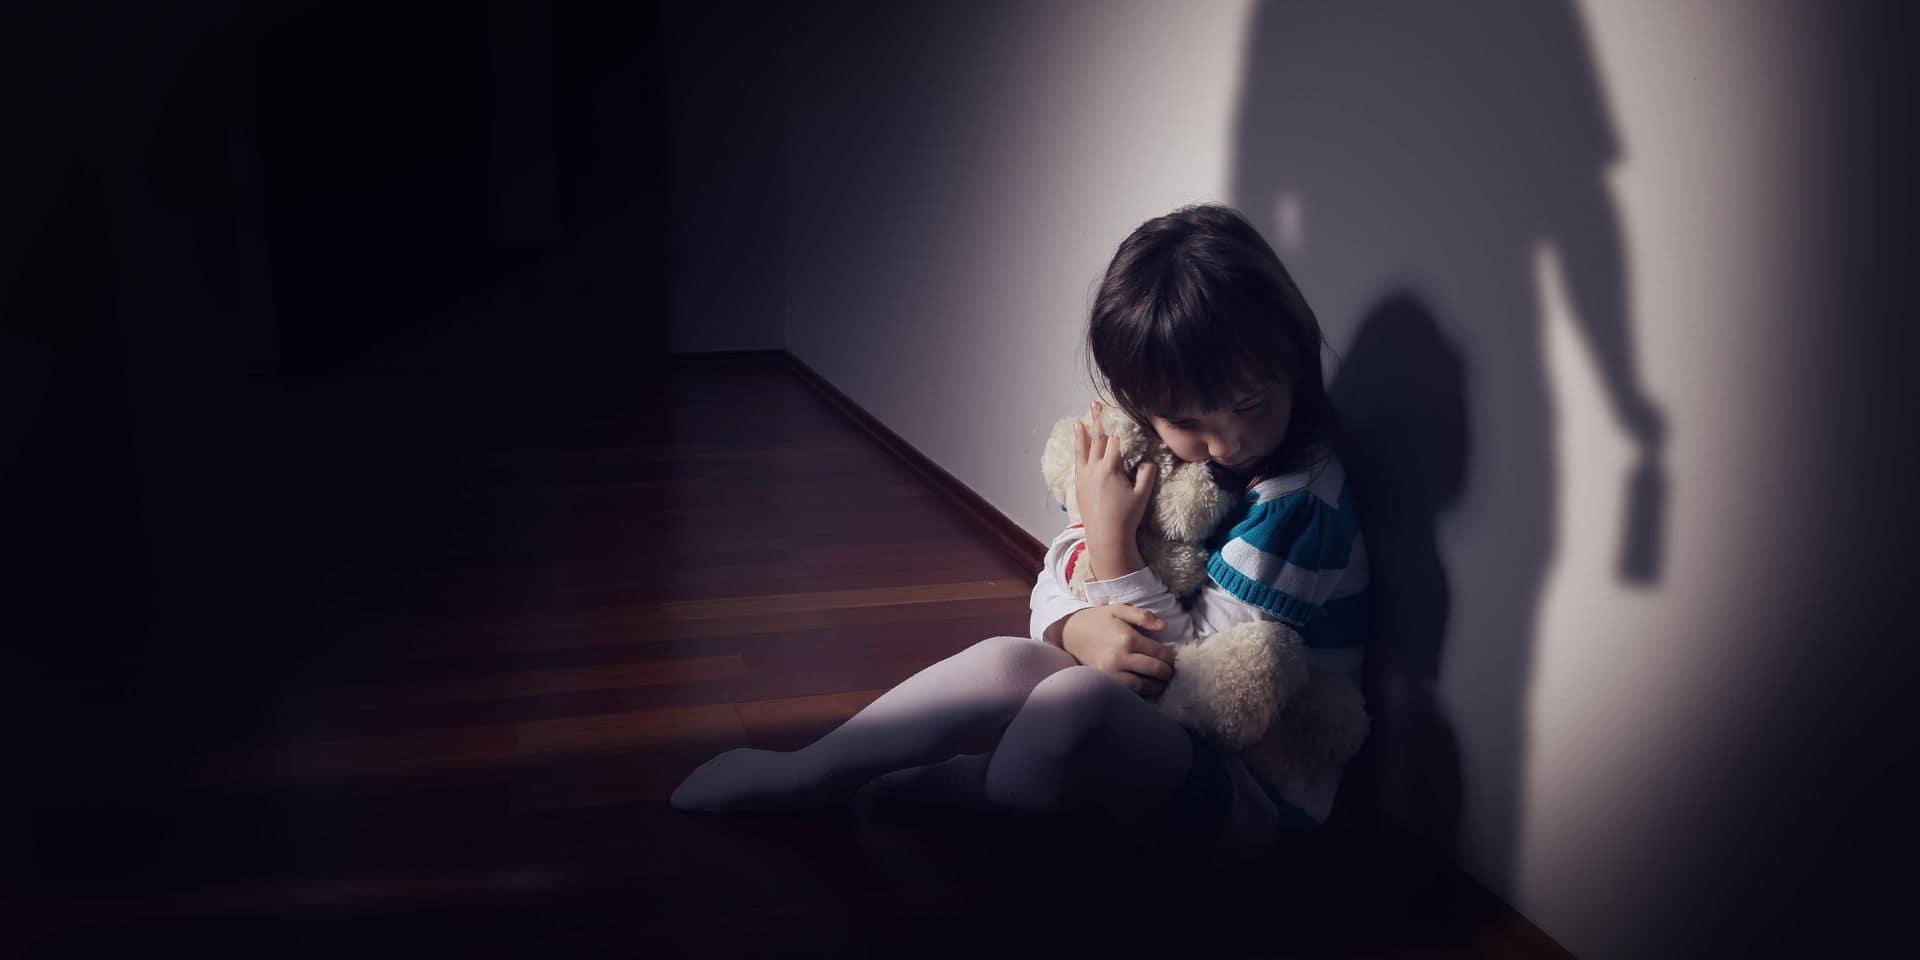 Anhée : une jeune fille de 15 ans a subi des abus sexuels de trois membres de sa famille